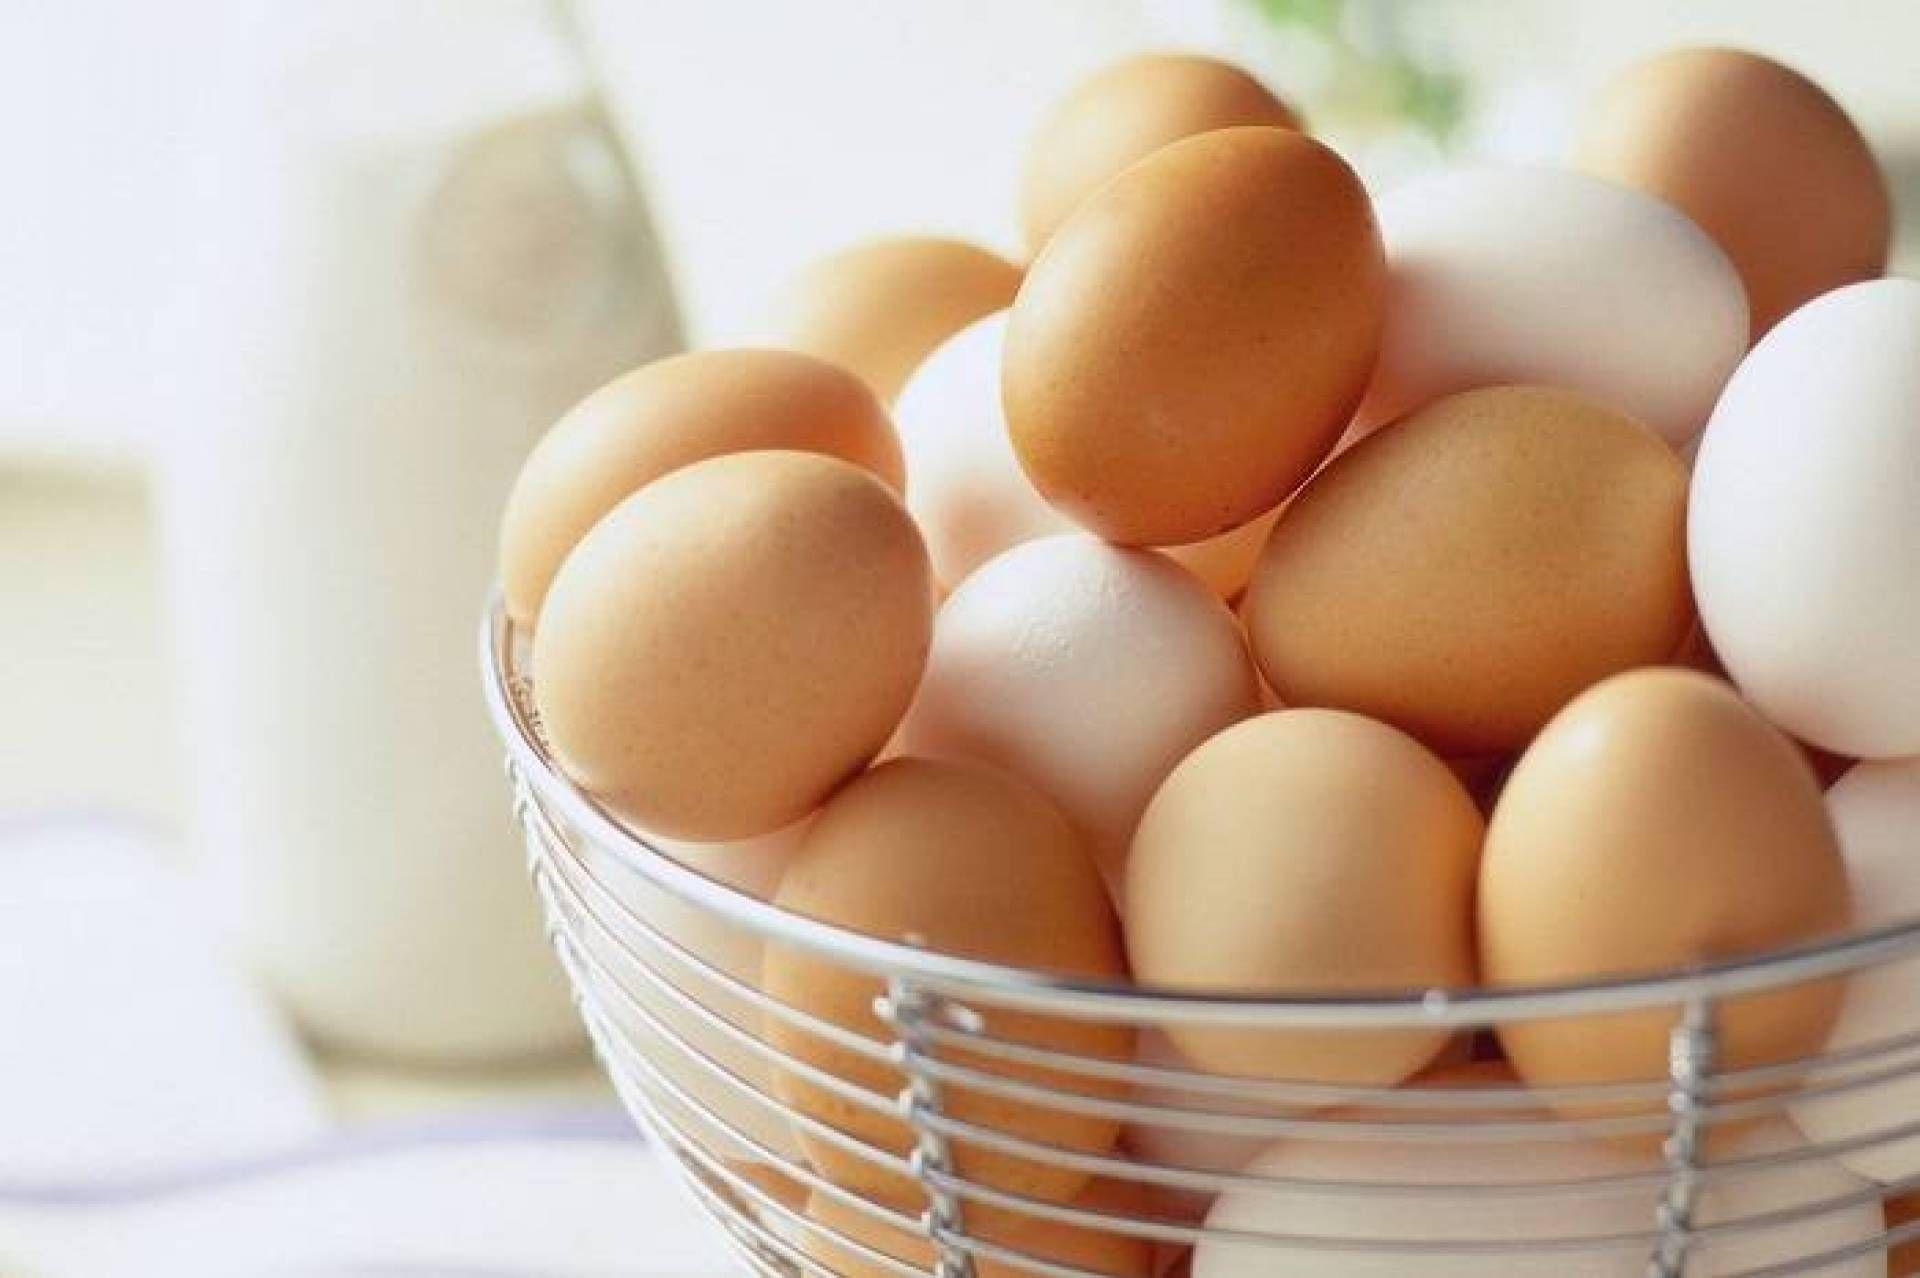 السعرات الحرارية في البيض Food Benefits Of Eating Eggs Eat Food